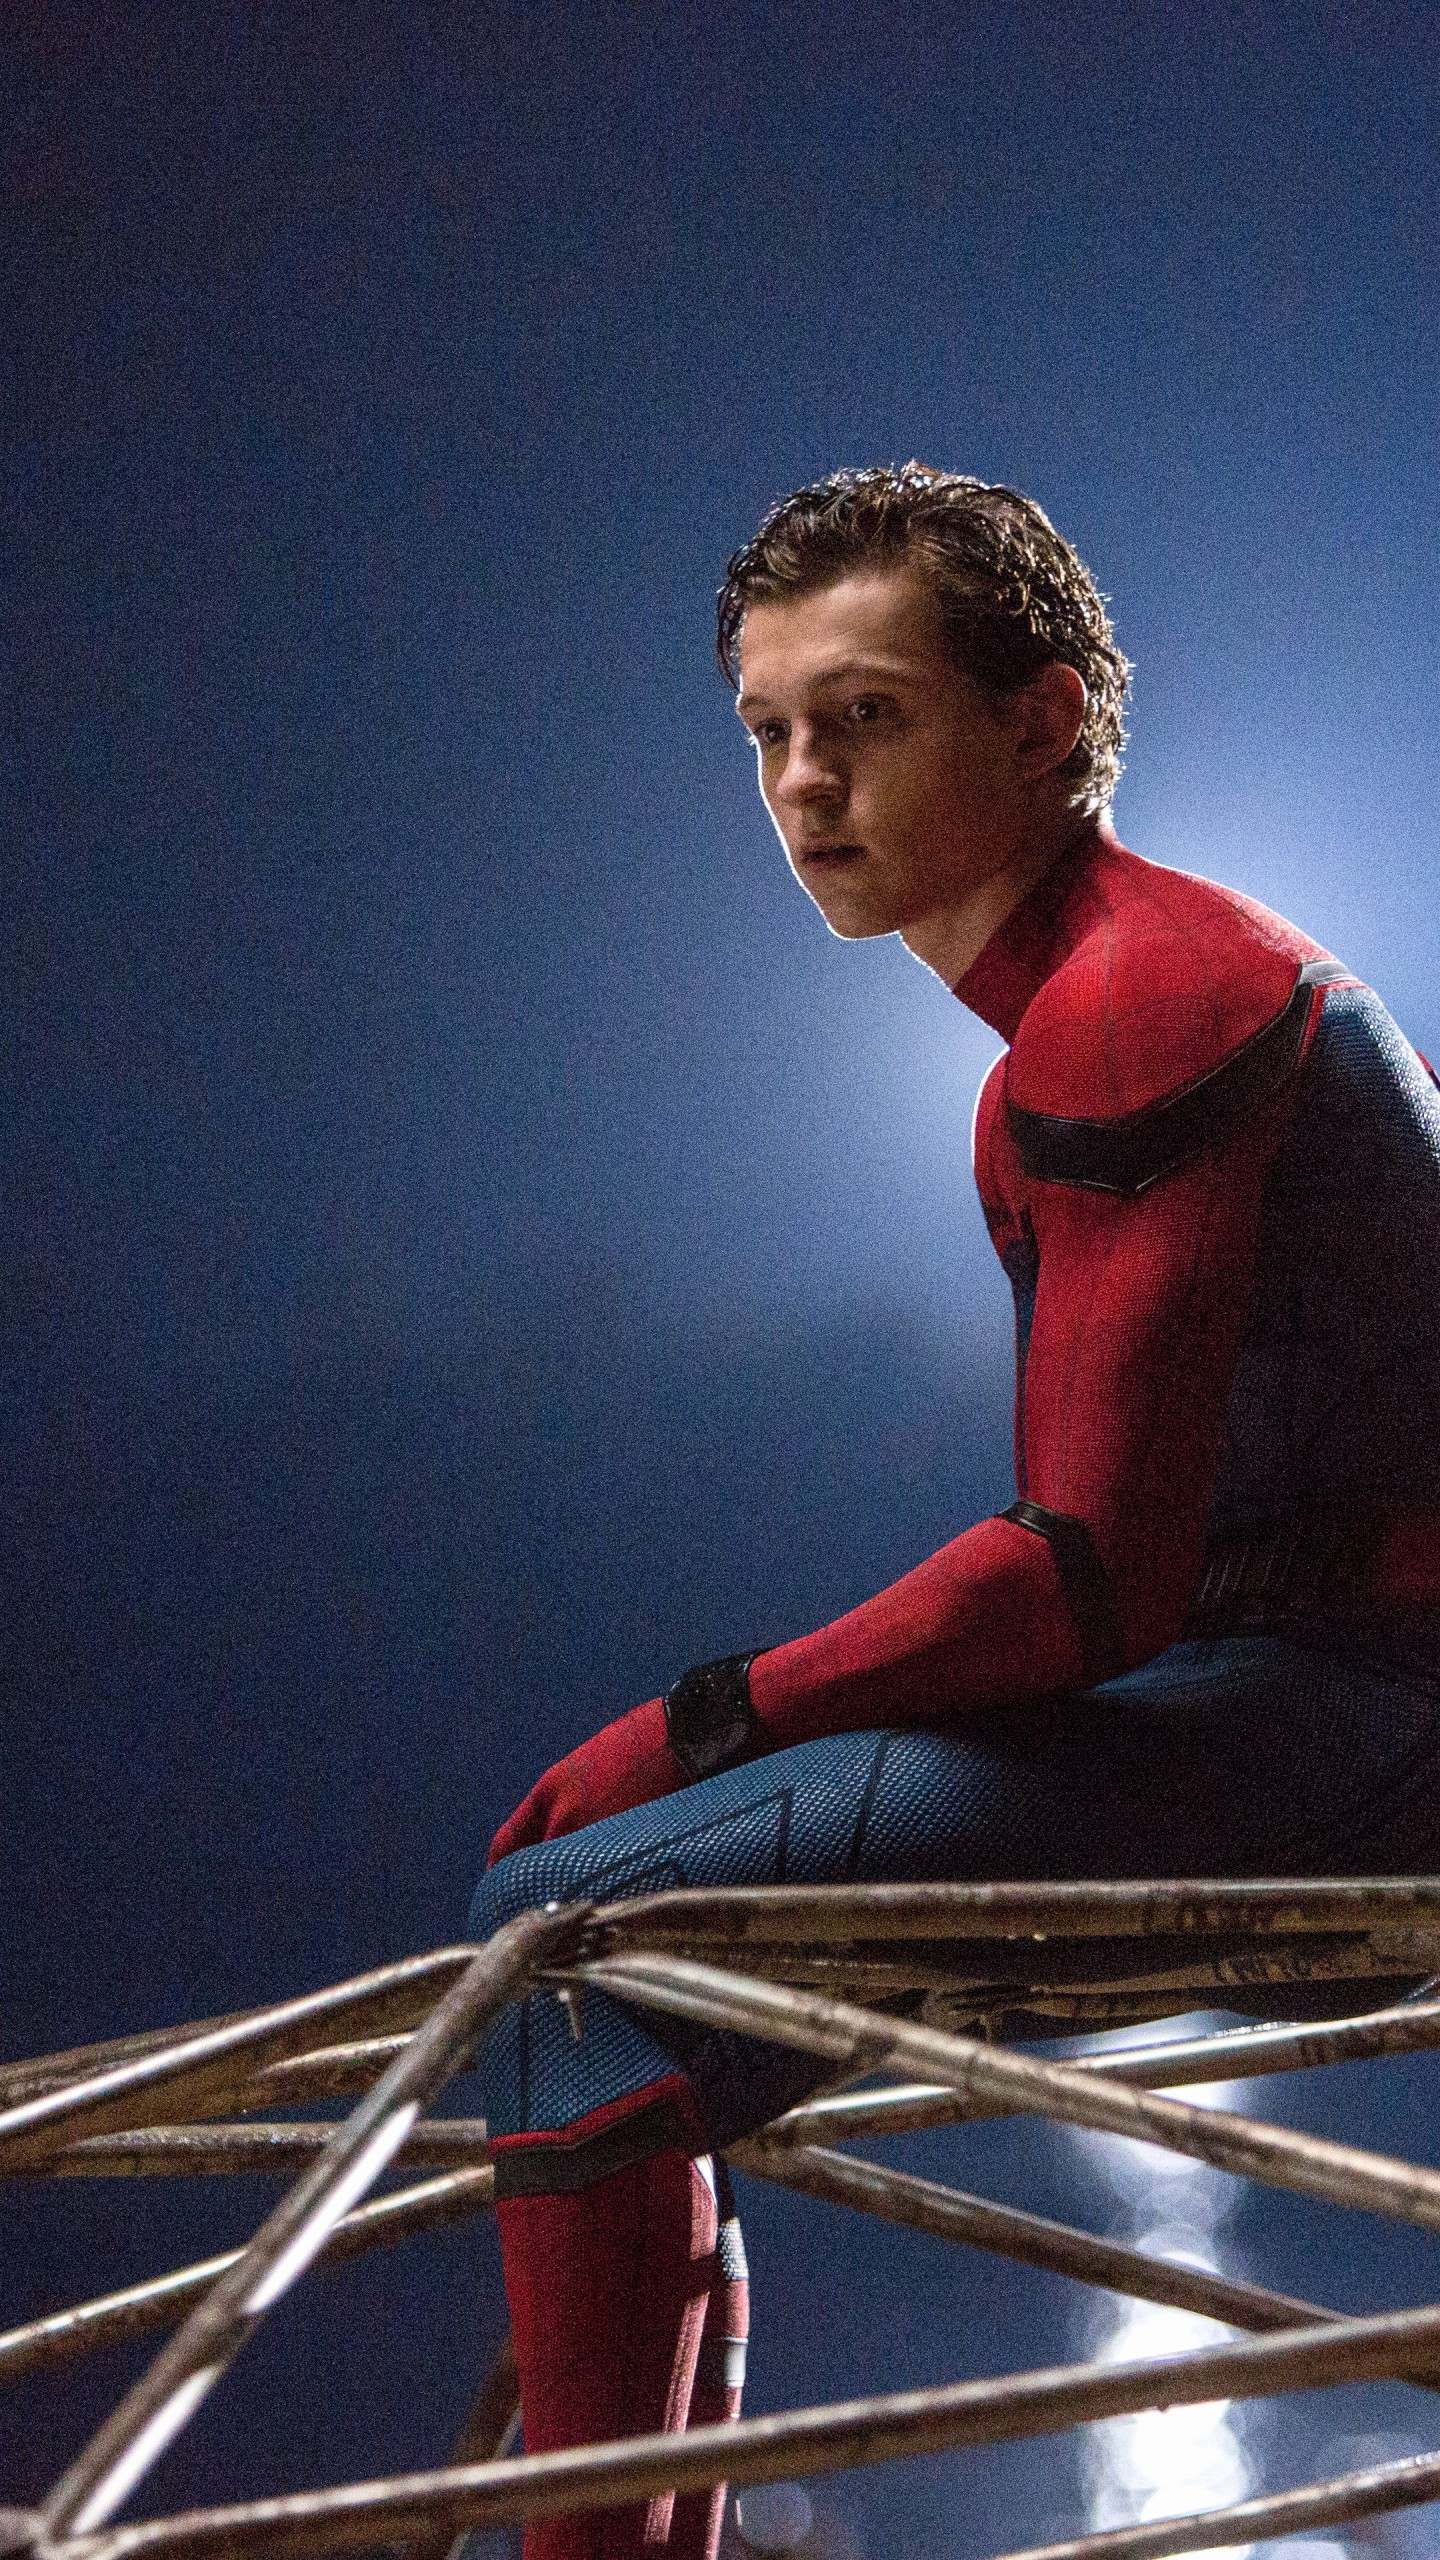 spiderman_Wallpaper Spider-Man: Homecoming, 4k, 8k, Tom Holland, Marvel, Movies #13636